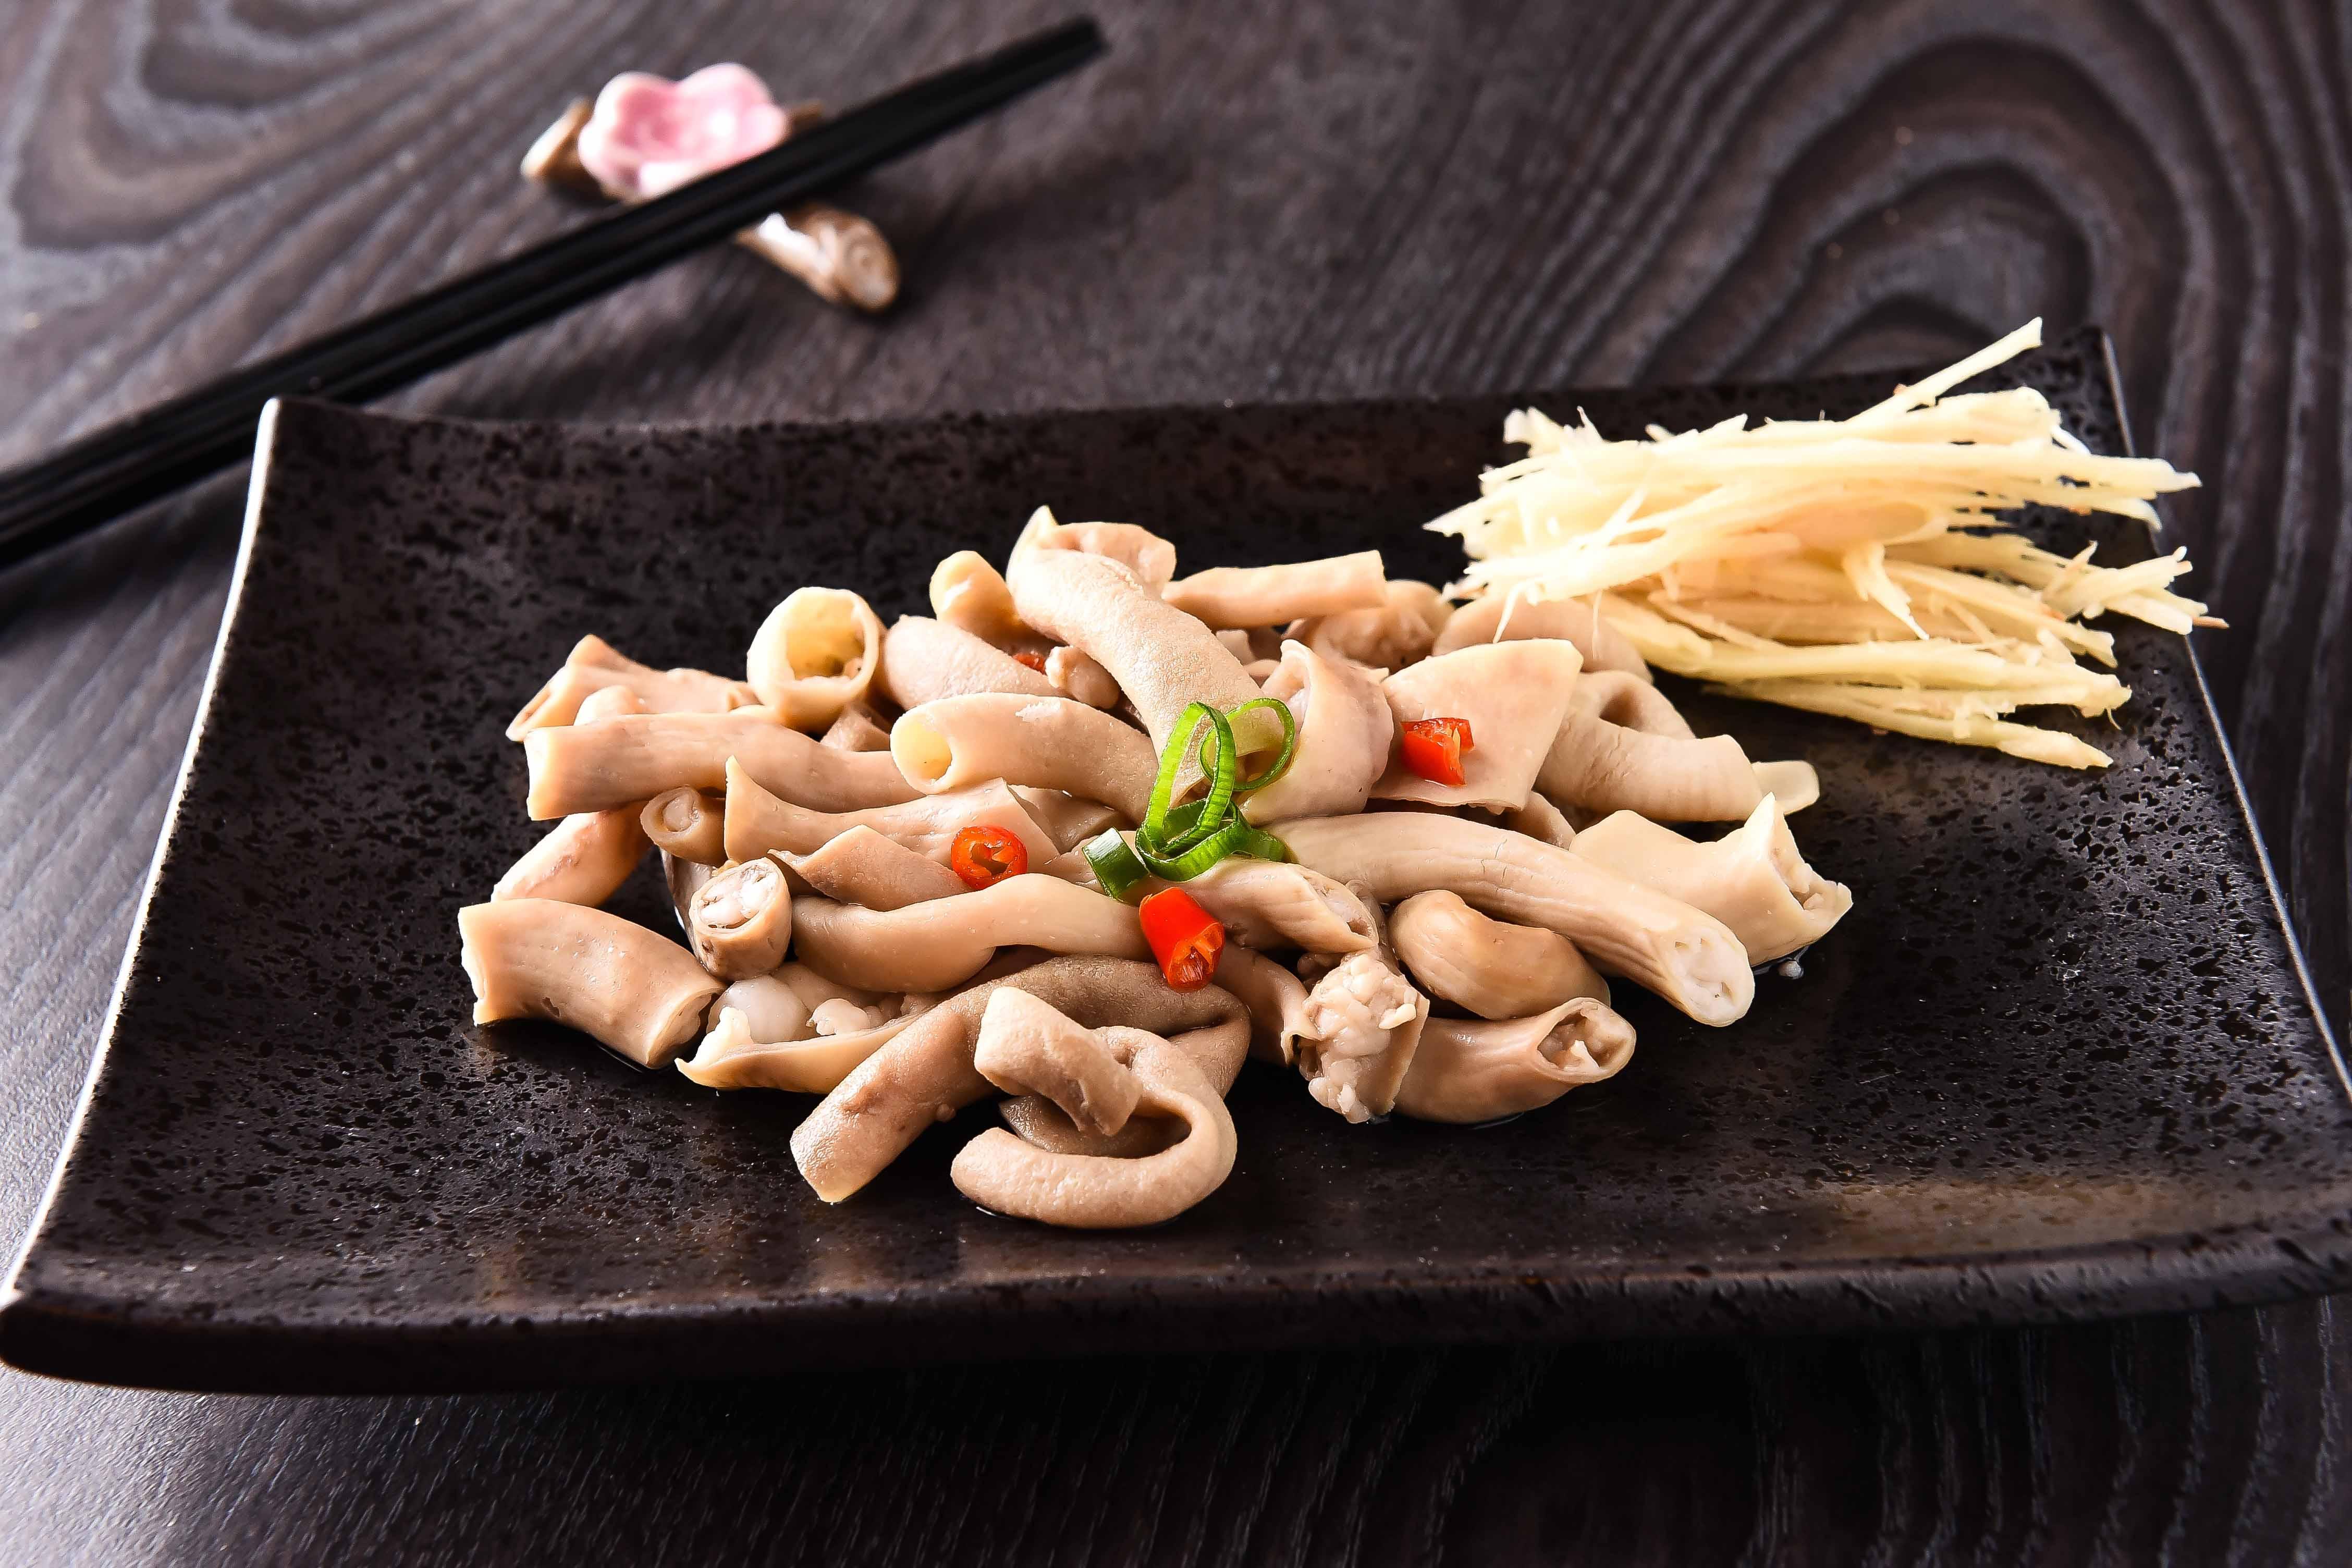 【 咩 】羊腸小道(小道) 台南知名羊肉爐【傳香三代】 真材食料 高品質嚴選 (80g/包) 1